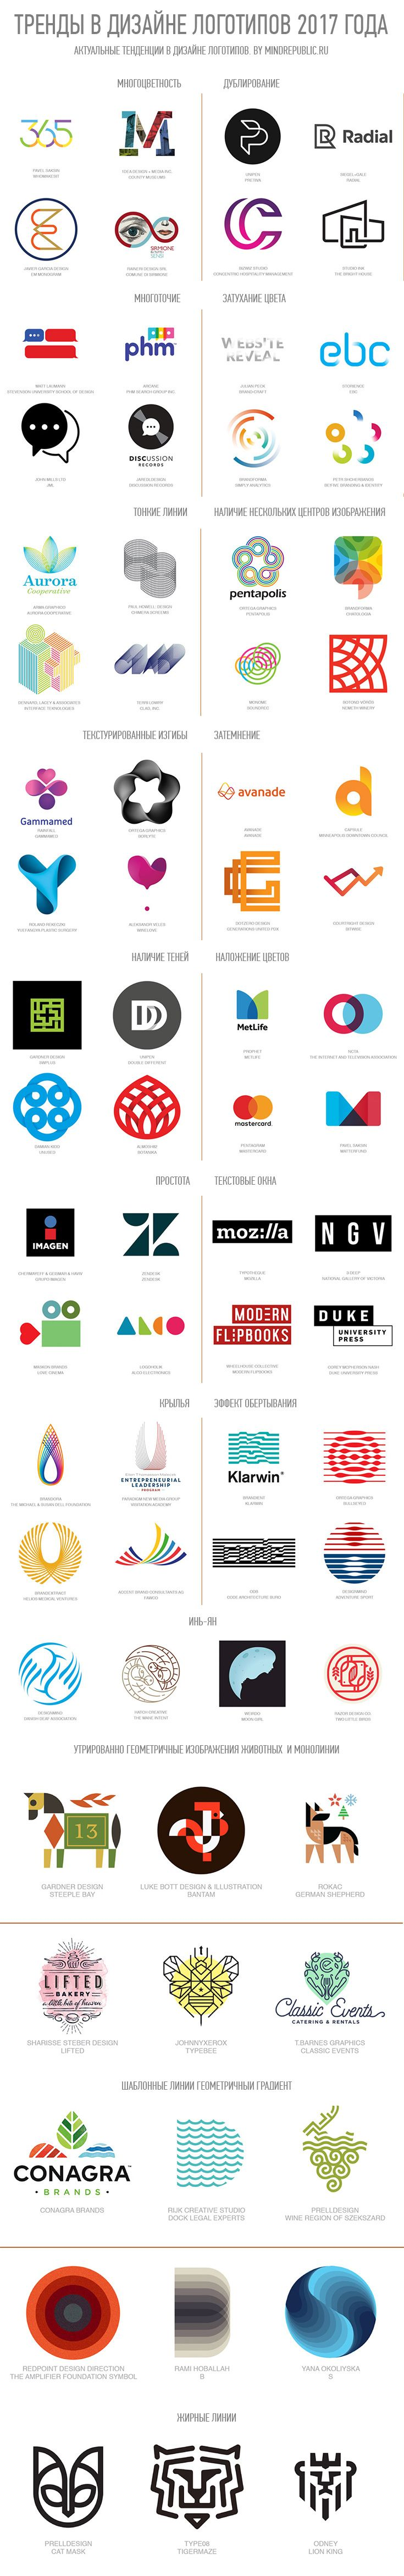 Тренды и тенденции в дизайне логотипов 2017. Logo design trends.